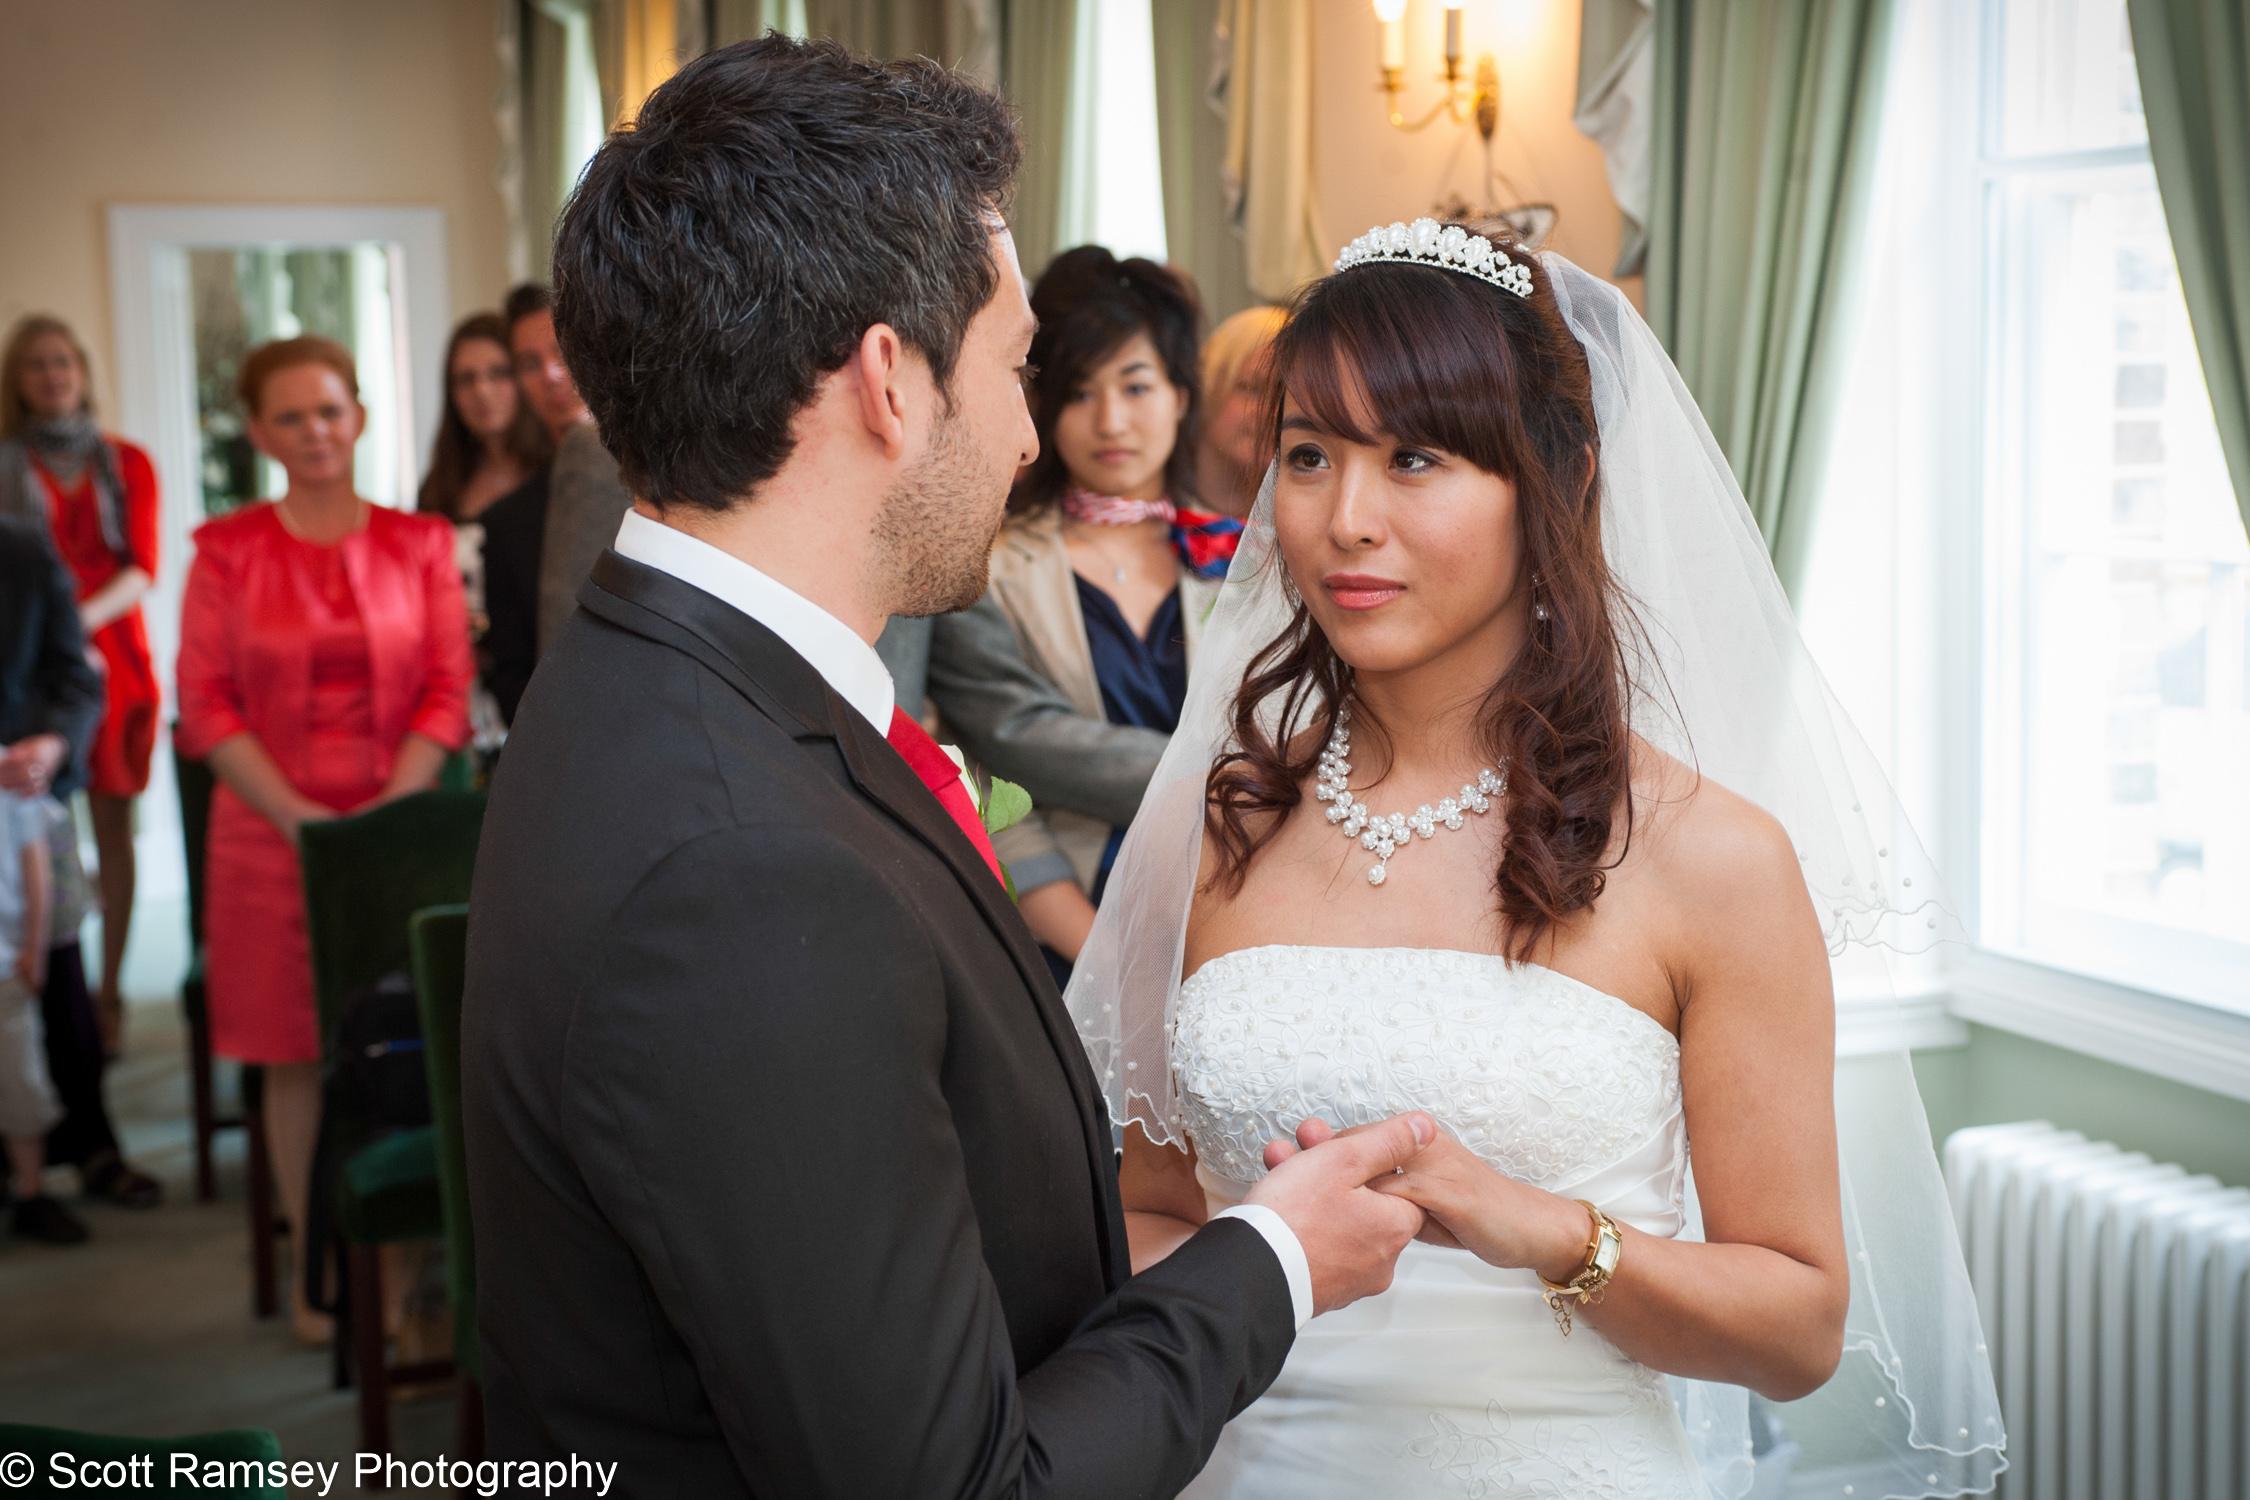 Portsmouth Registry Office Wedding Ceremony  040513-16